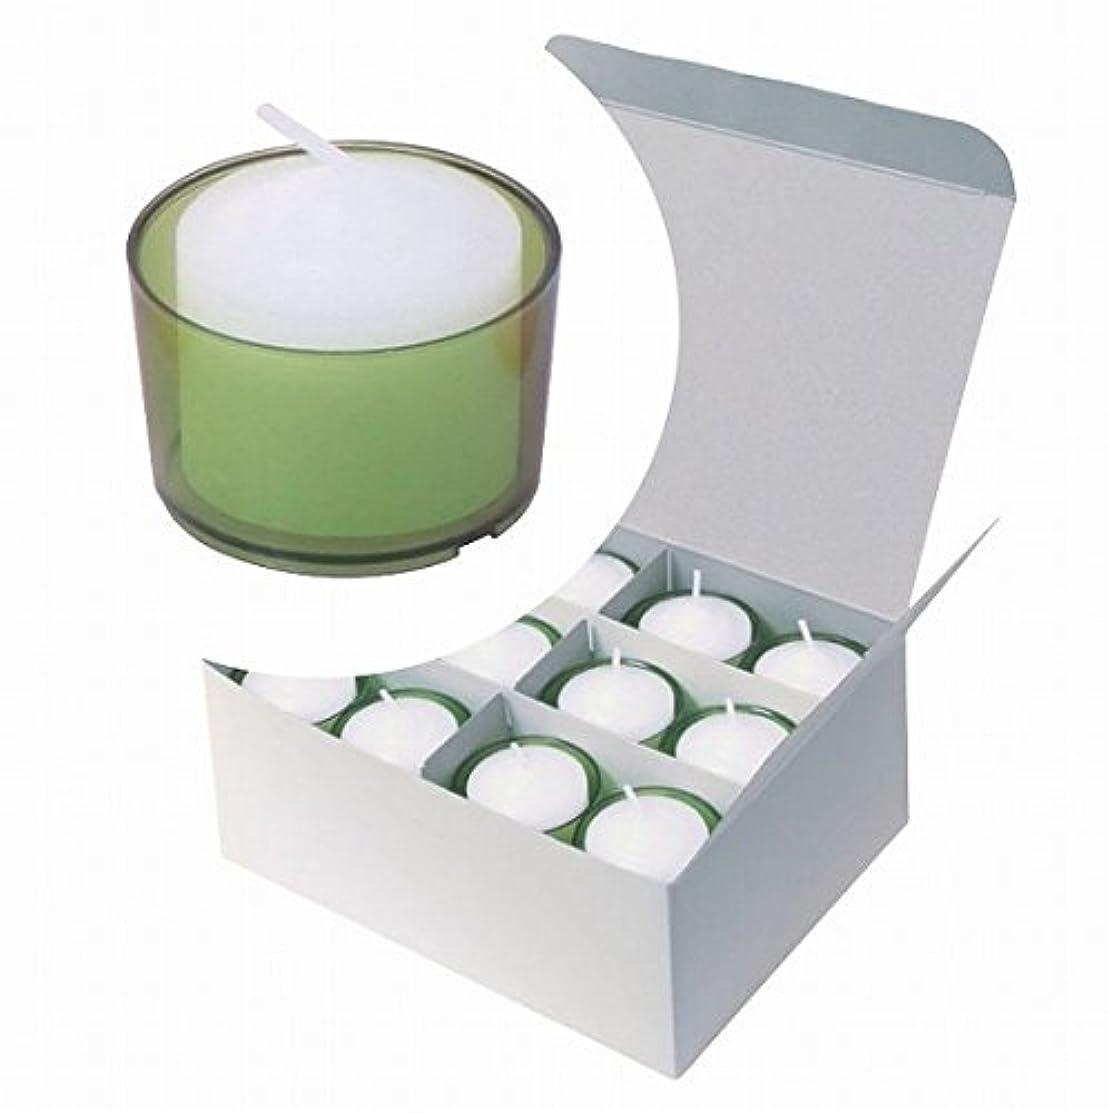 スケートアクセスできない休憩するカメヤマキャンドル(kameyama candle) カラークリアカップボーティブ6時間タイプ 24個入り 「 グリーン 」